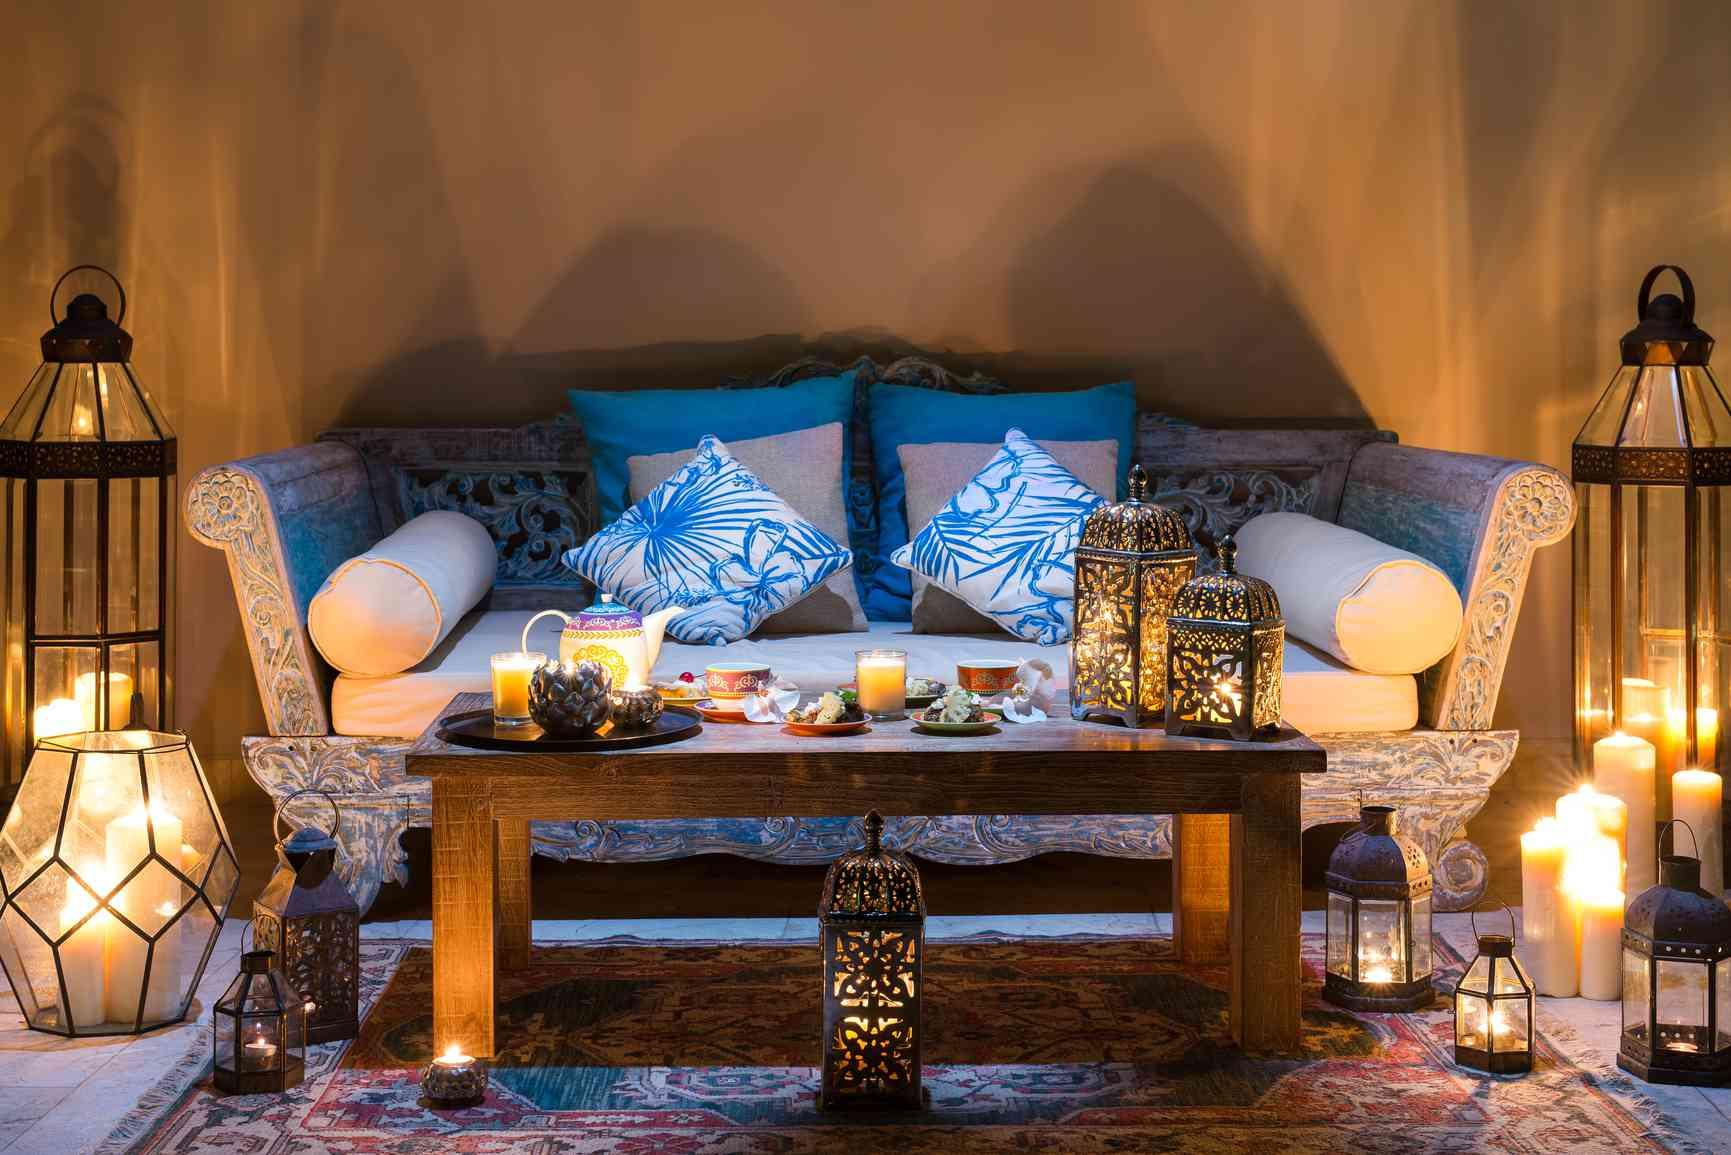 Sofá azul en la habitación con iluminación ambiental